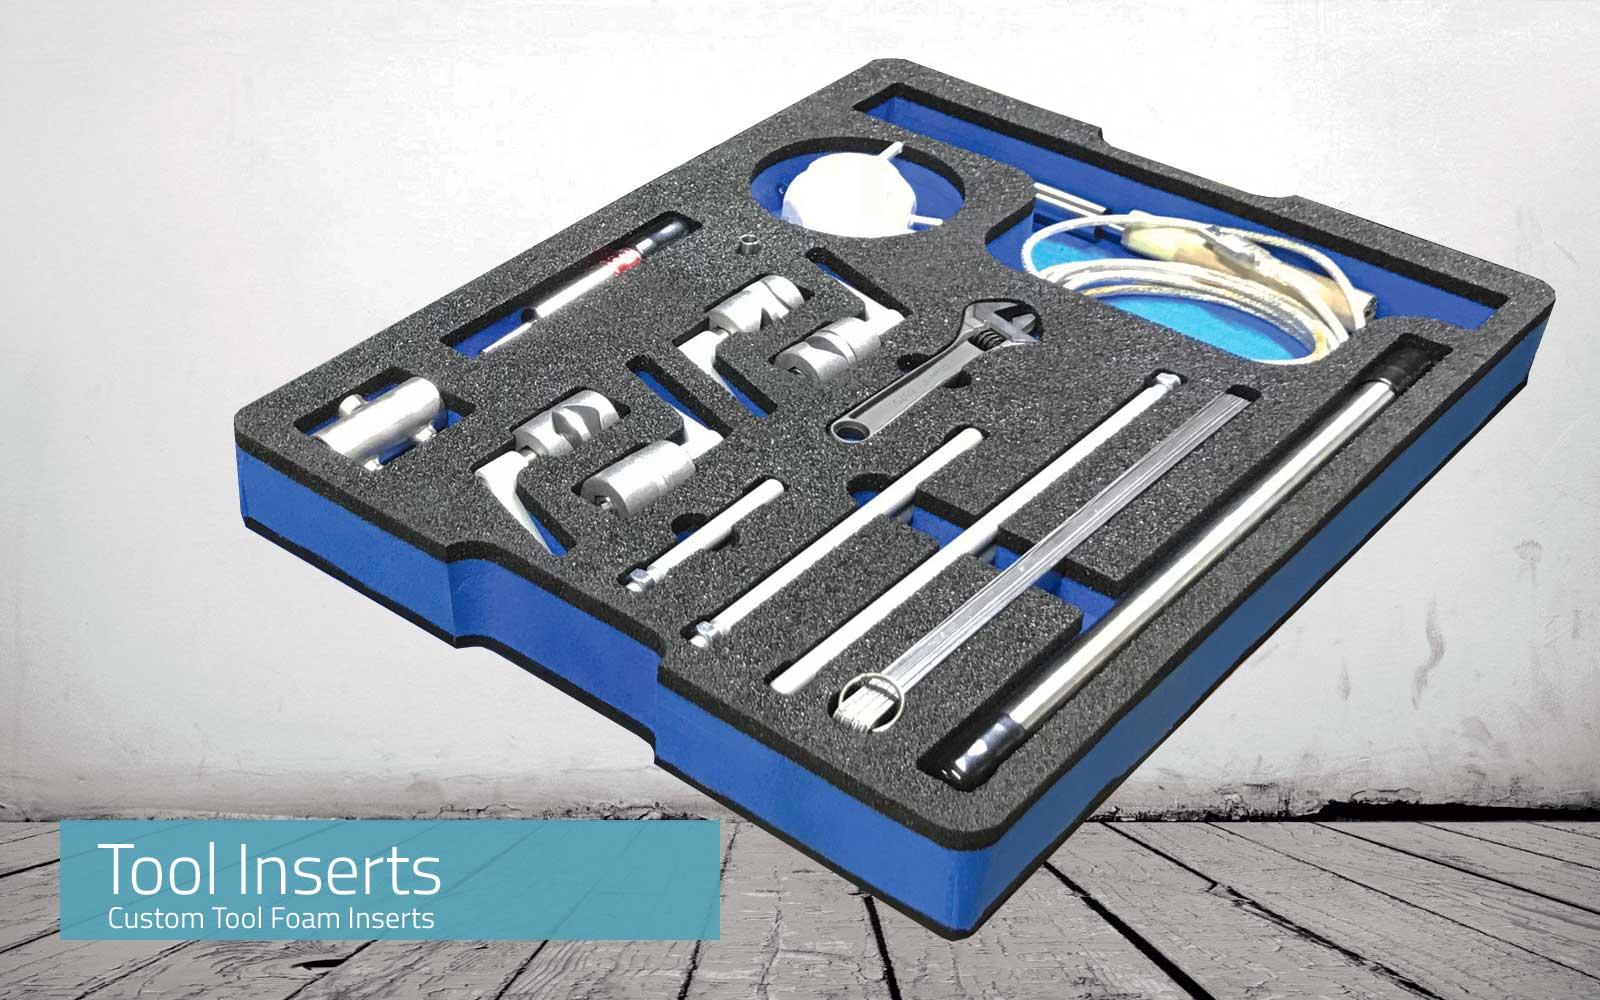 Foam inserts tools